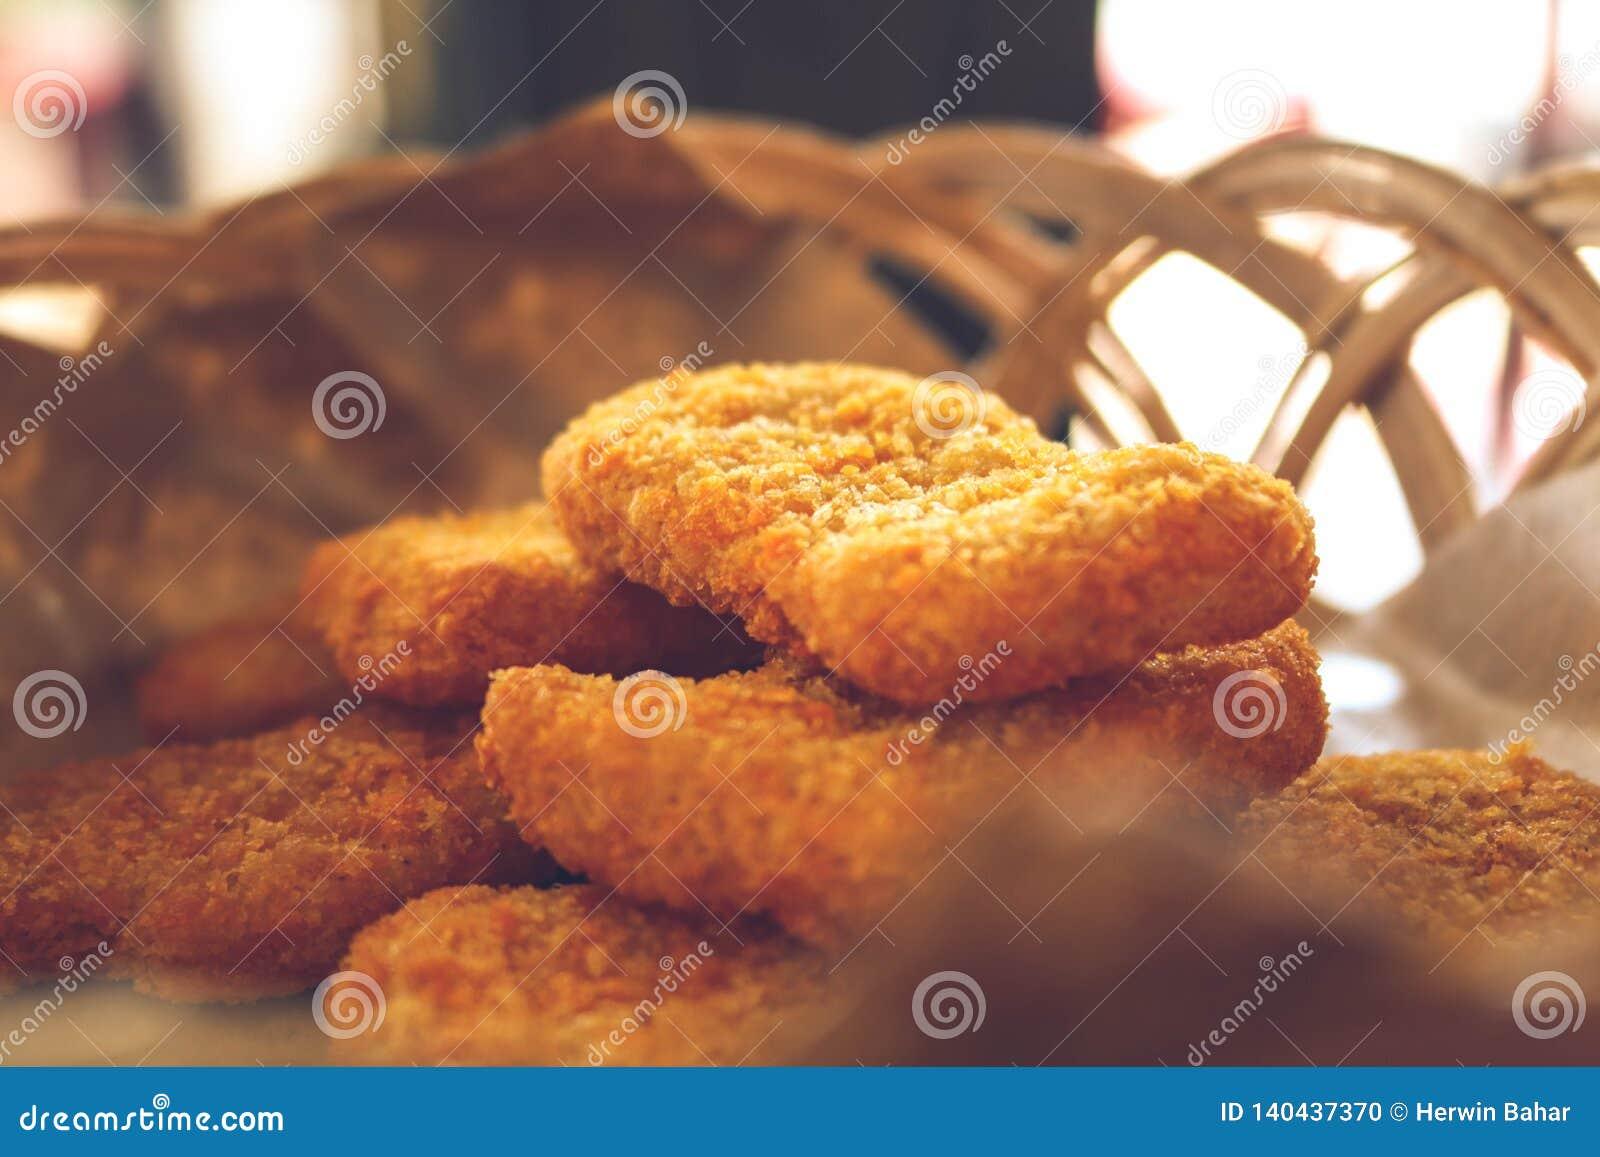 Pepitas de pollo almacenadas en una pequeña cesta